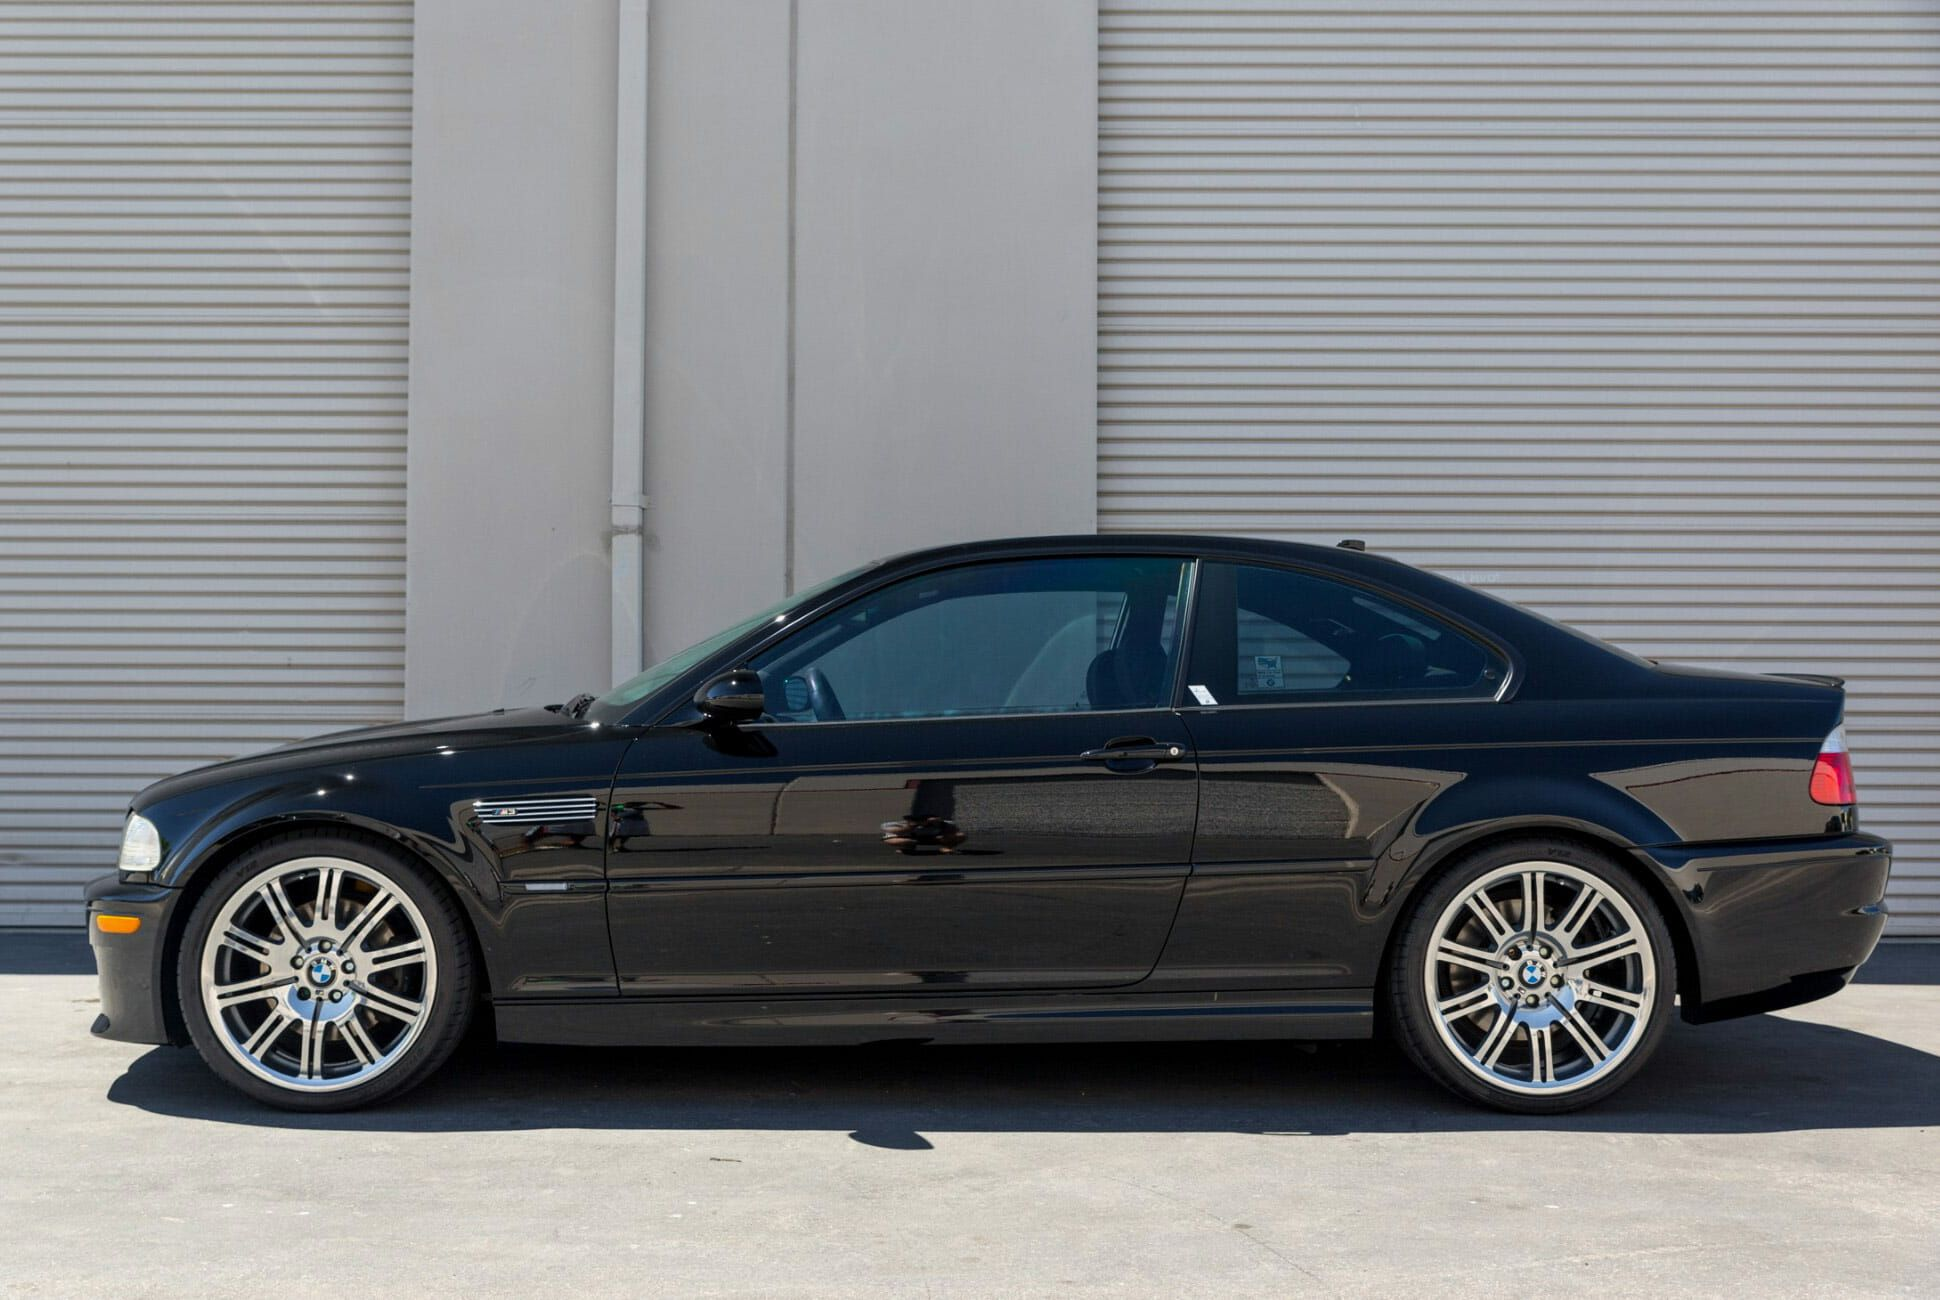 2005-Bring-a-Trailer-BMW-M3--gear-patrol-1